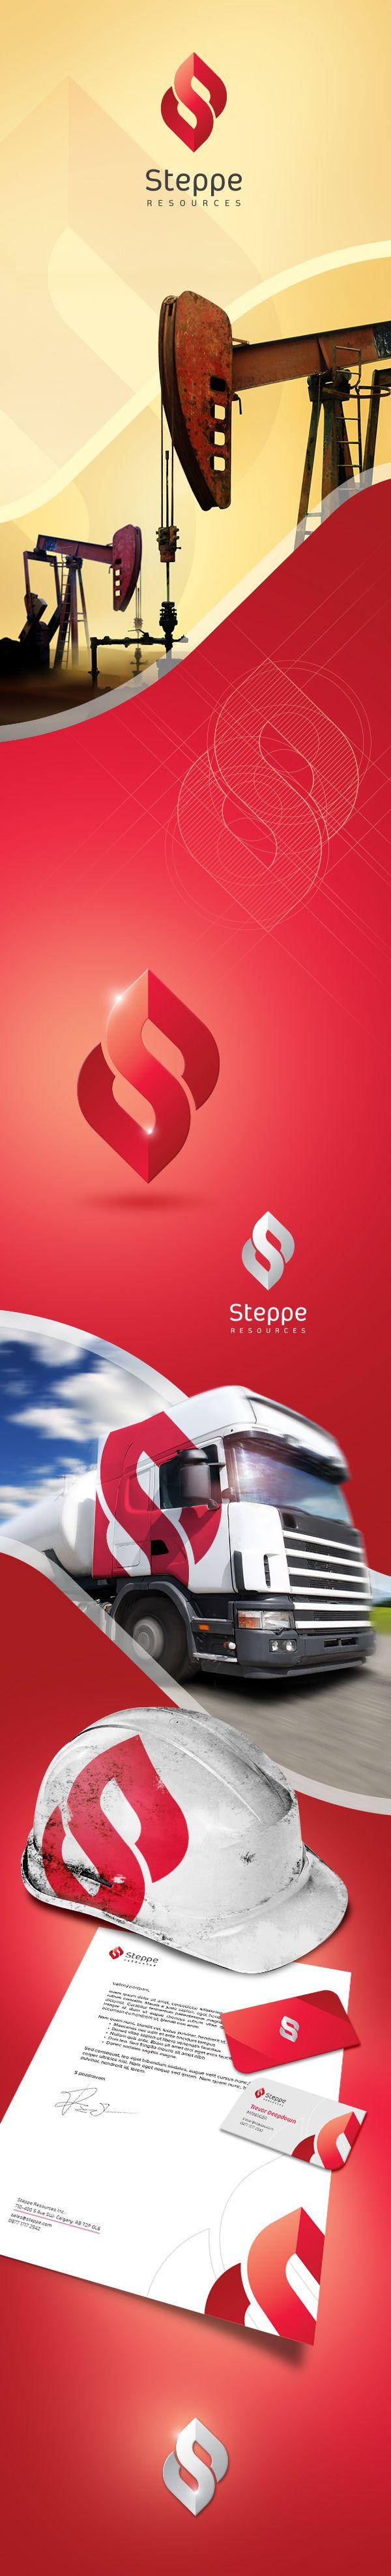 Steppe Resources by Maroš Em, via Behance.